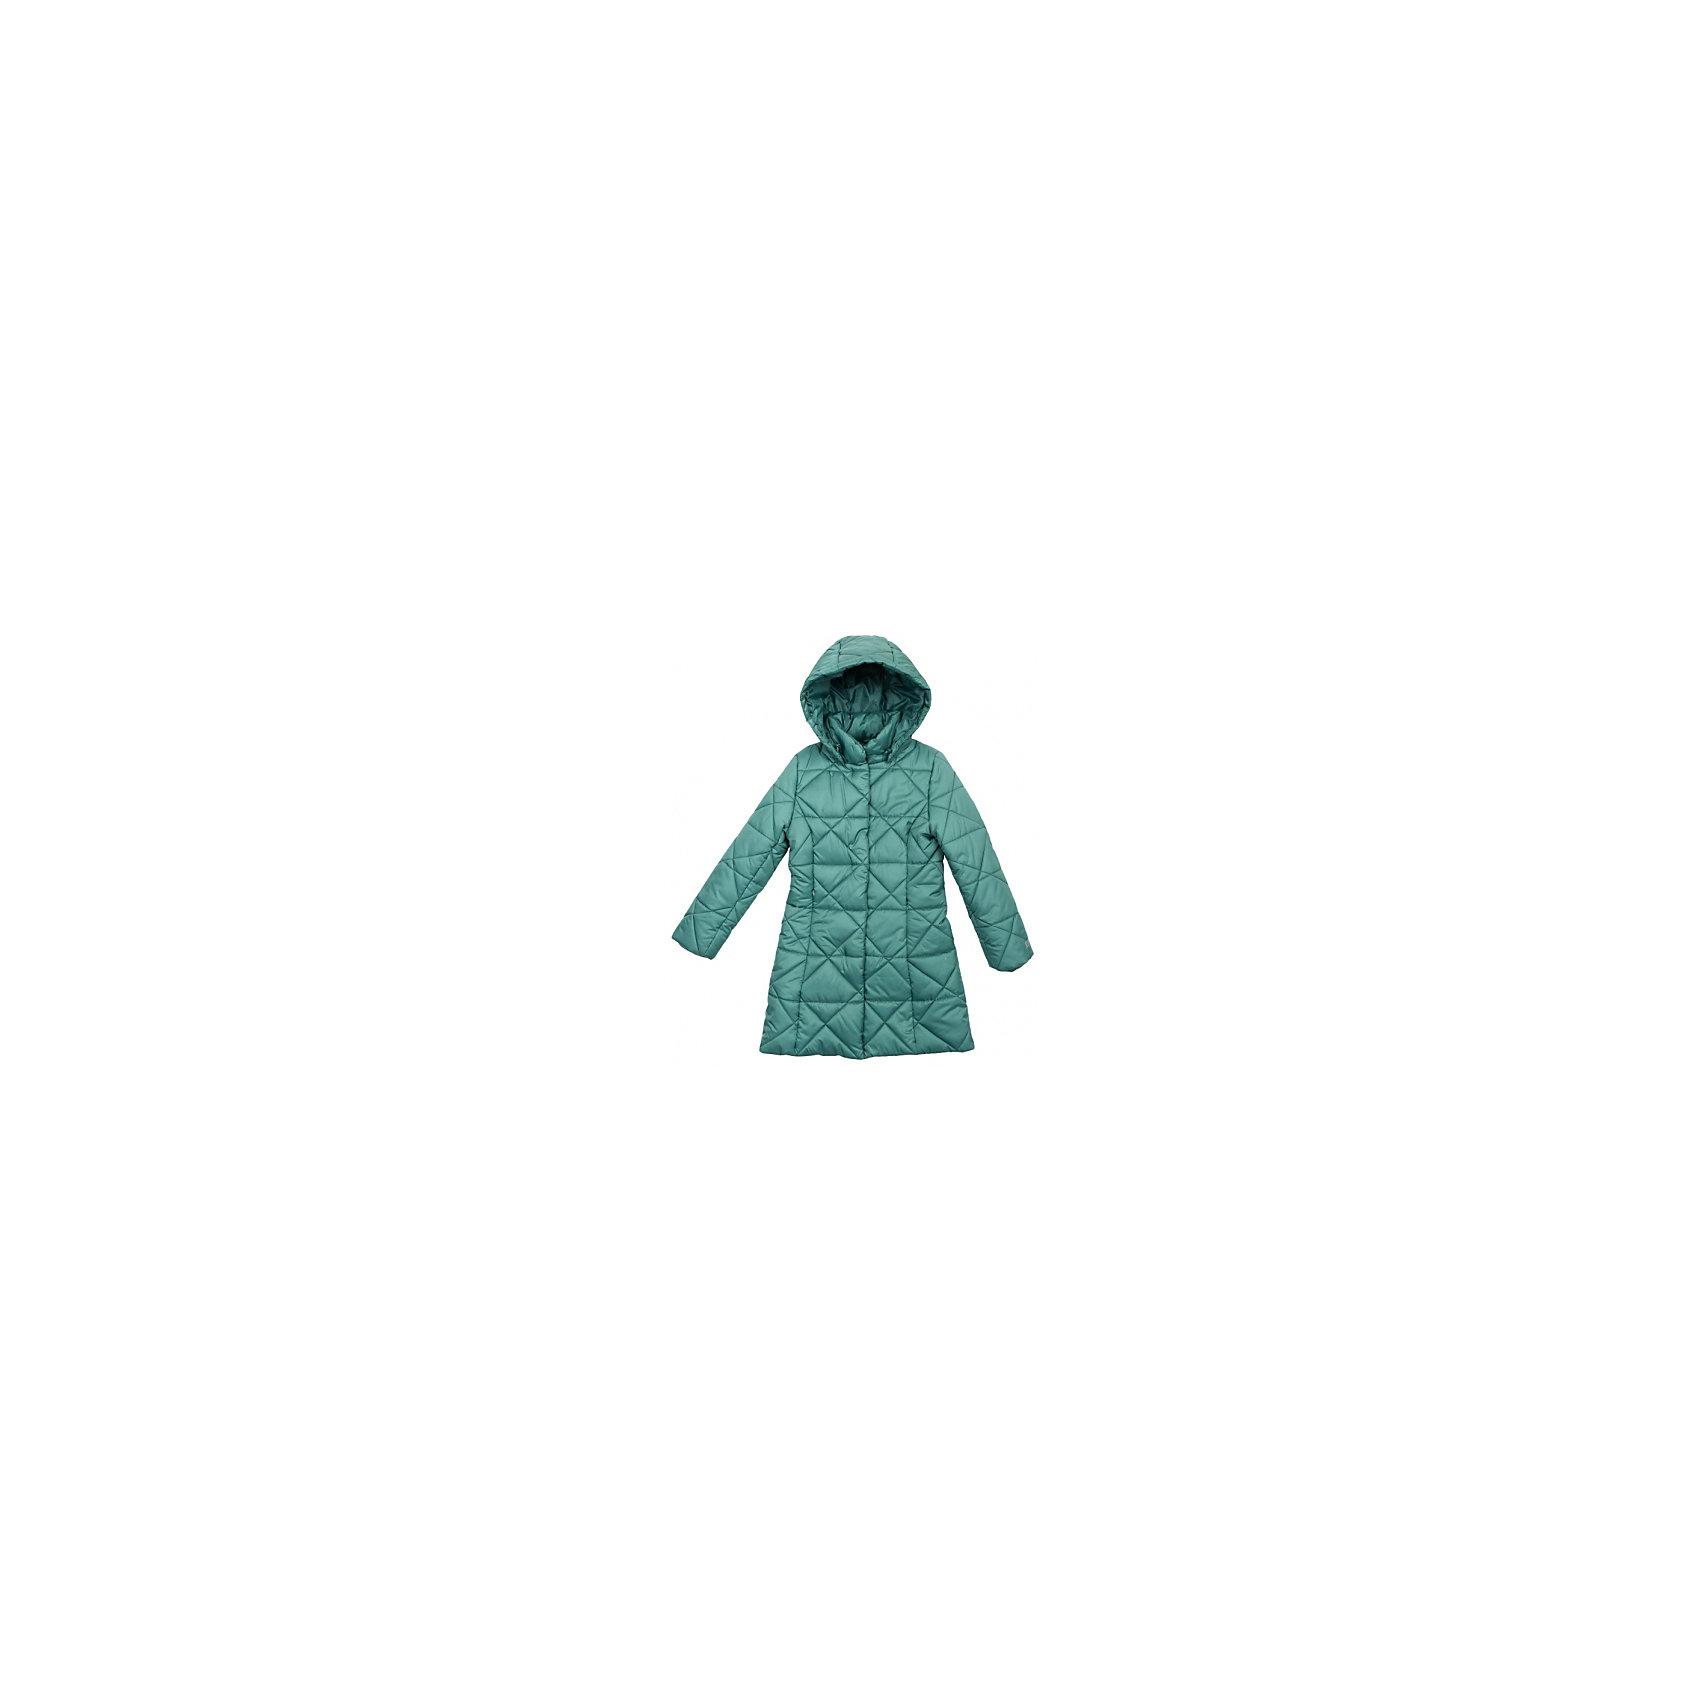 Пальто для девочки ScoolПальто для девочки Scool – стильная и теплая вещь, необходимая зимой.<br>Элегантное и классическое пальто бирюзового цвета идеально защитит от мороза и стужи. Утепленное длинное пальто застегивается на молнию с плавным скольжением и закрывается на ветрозащитную планку на кнопках. Отстегивающийся капюшон можно утянуть стопперами. Трикотажные манжеты на рукавах препятствуют попаданию снега и воды.<br><br>Дополнительная информация:<br><br>- материал: верх – 100% нейлон, подкладка – 100% полиэстер, наполнитель 100% полиэстер<br>- цвет: бирюзовый<br><br>Пальто для девочки Scool можно купить в нашем интернет магазине.<br><br>Ширина мм: 356<br>Глубина мм: 10<br>Высота мм: 245<br>Вес г: 519<br>Цвет: голубой<br>Возраст от месяцев: 132<br>Возраст до месяцев: 144<br>Пол: Женский<br>Возраст: Детский<br>Размер: 152,134,158,164,140,146<br>SKU: 4911976